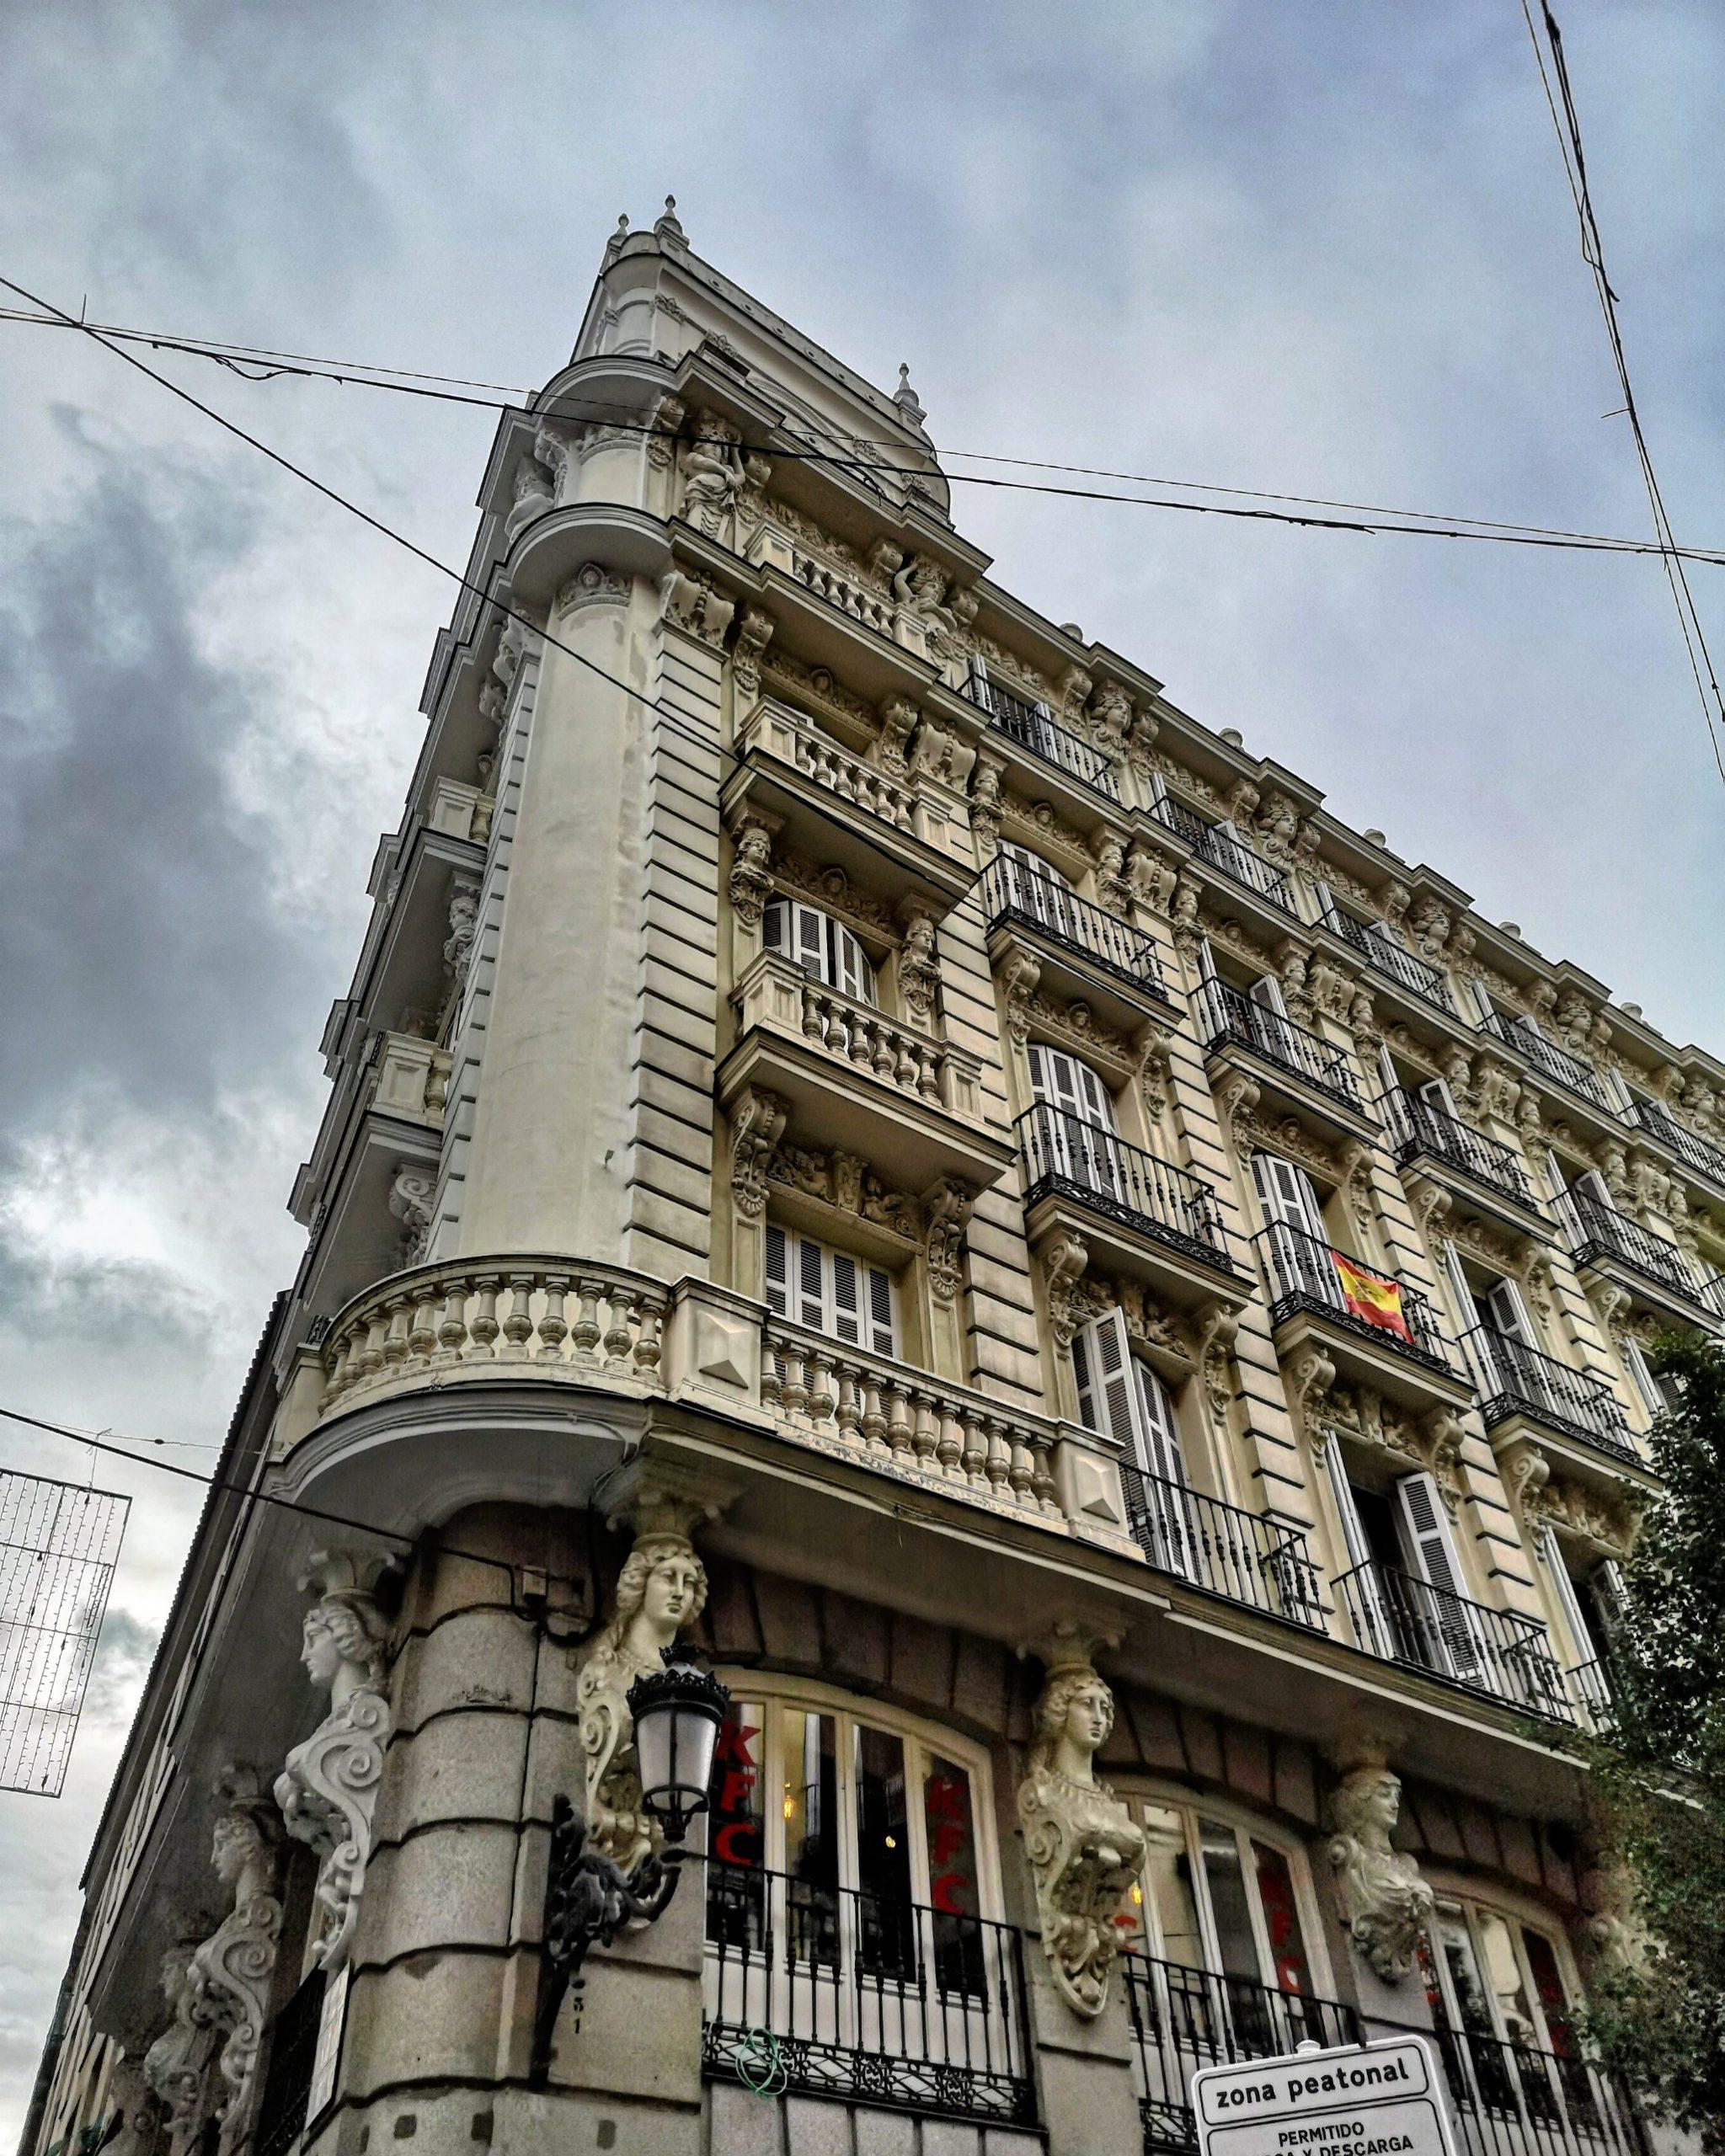 La Casa de los Pezones, Madrid